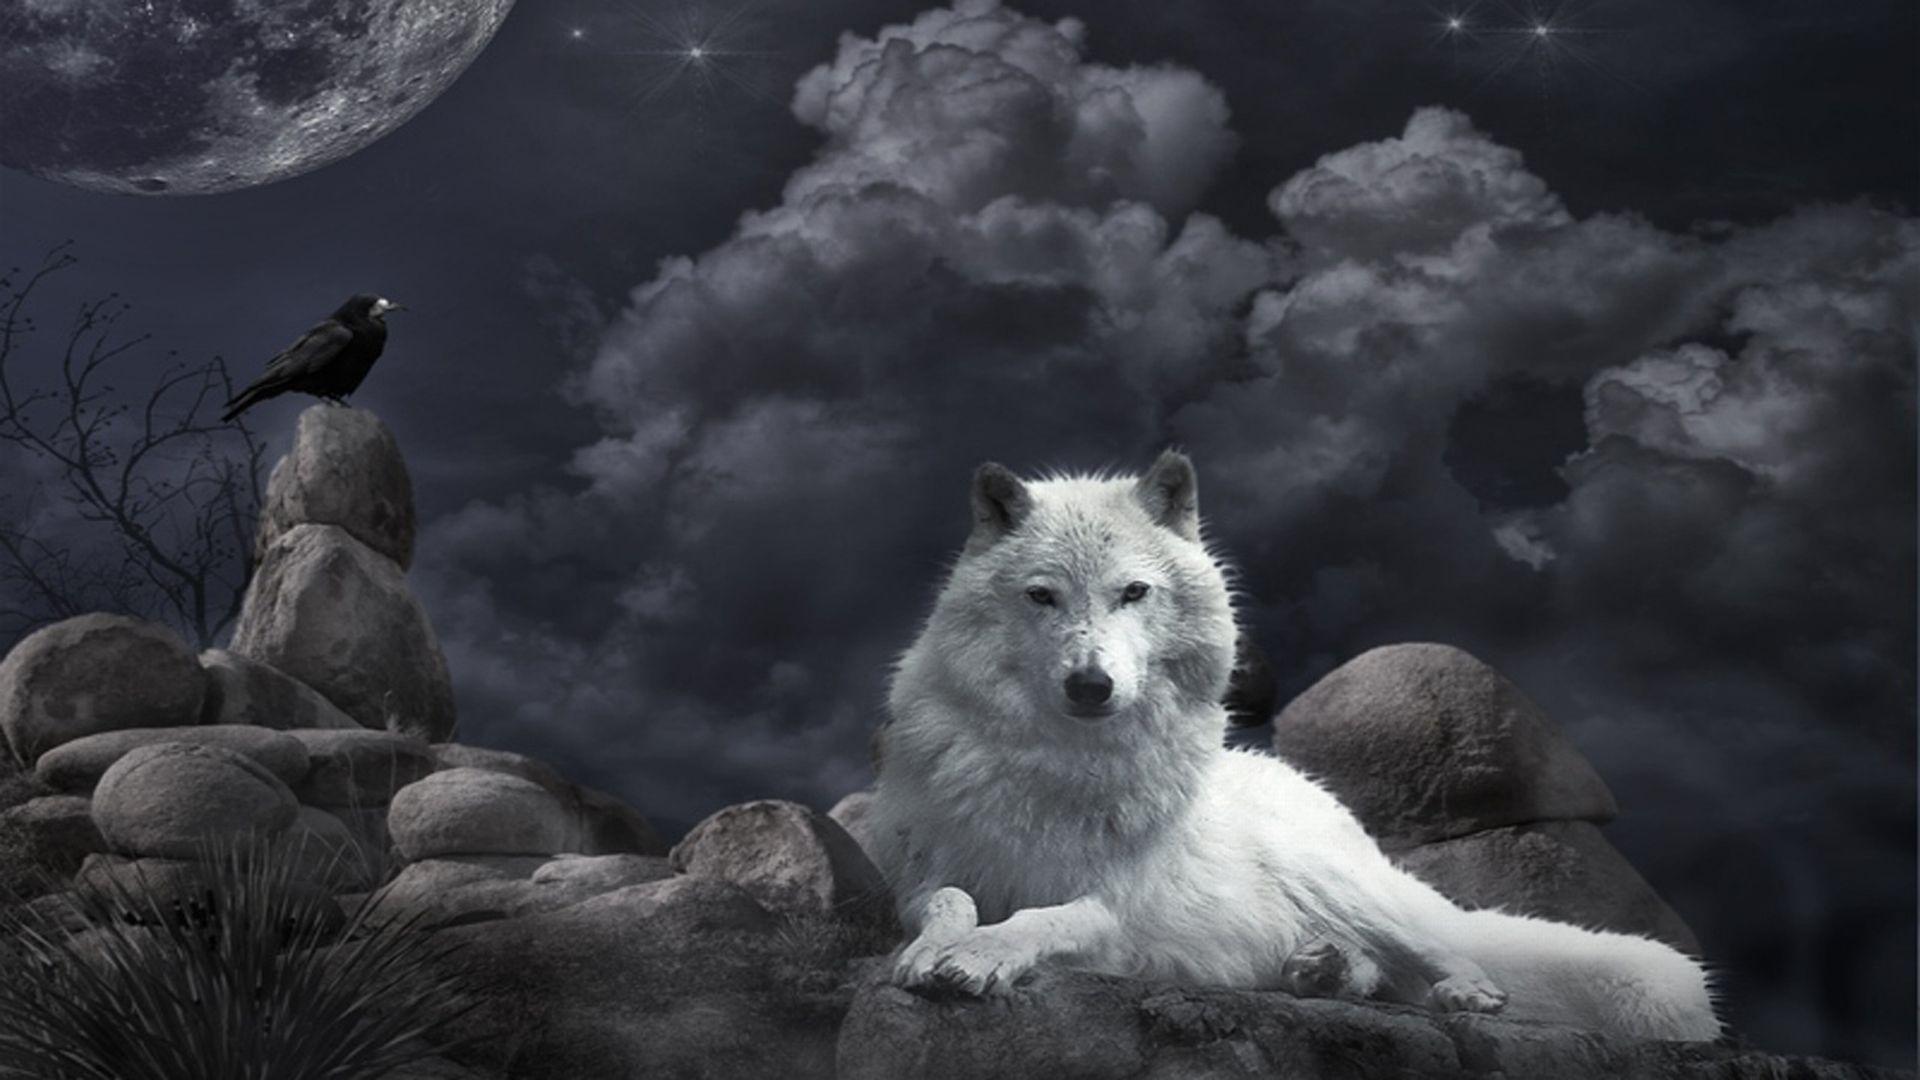 Wolf fantasy wallpaper - SF Wallpaper